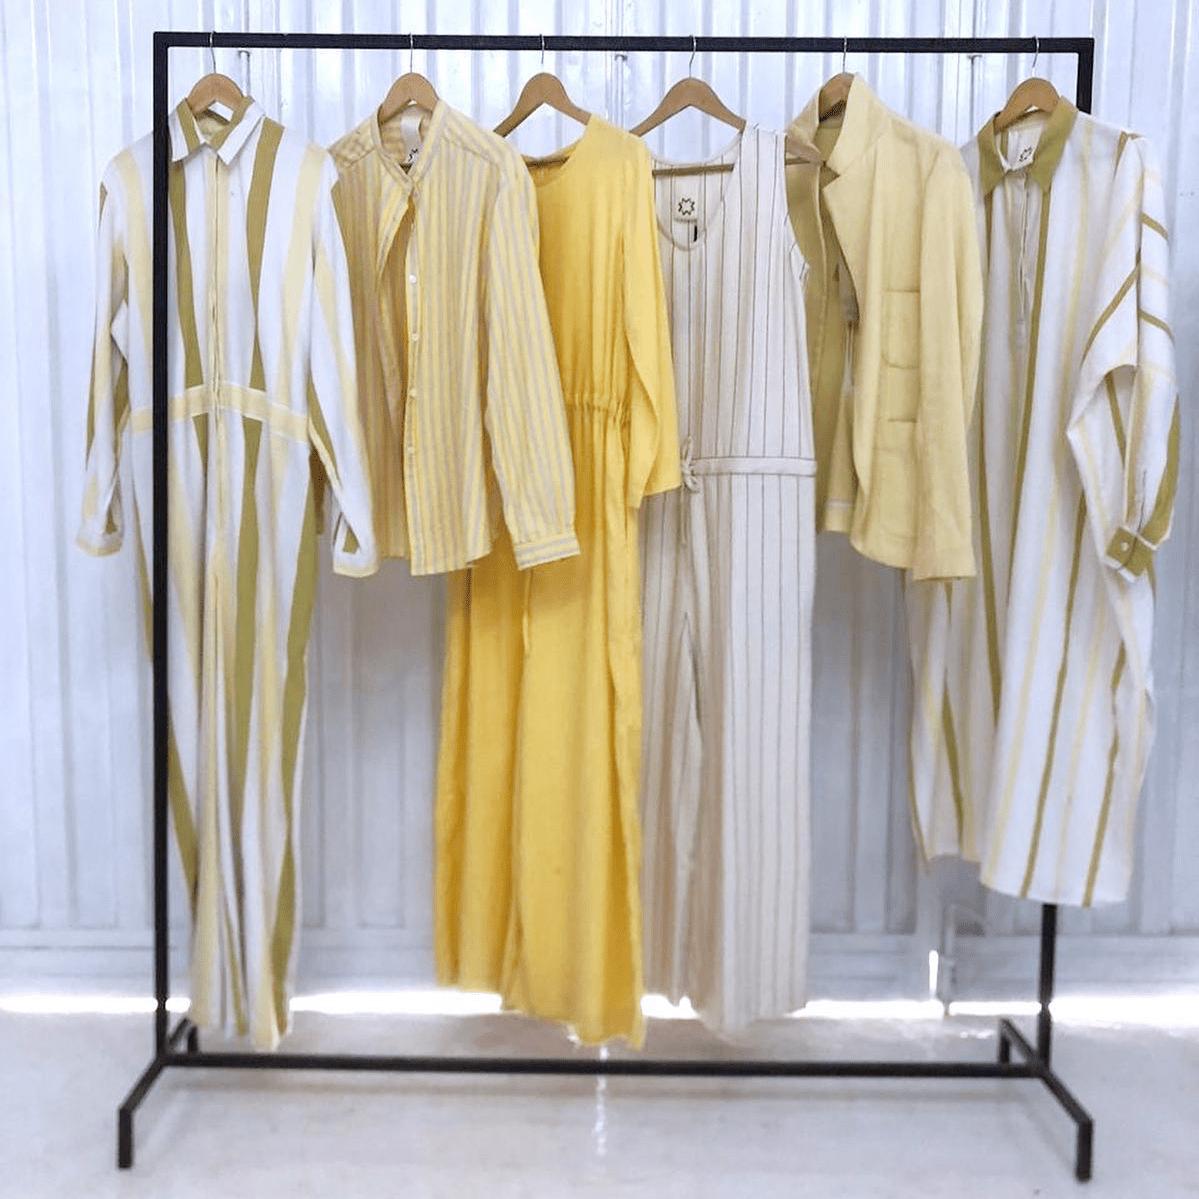 Clothing from Marrakshi LIFE